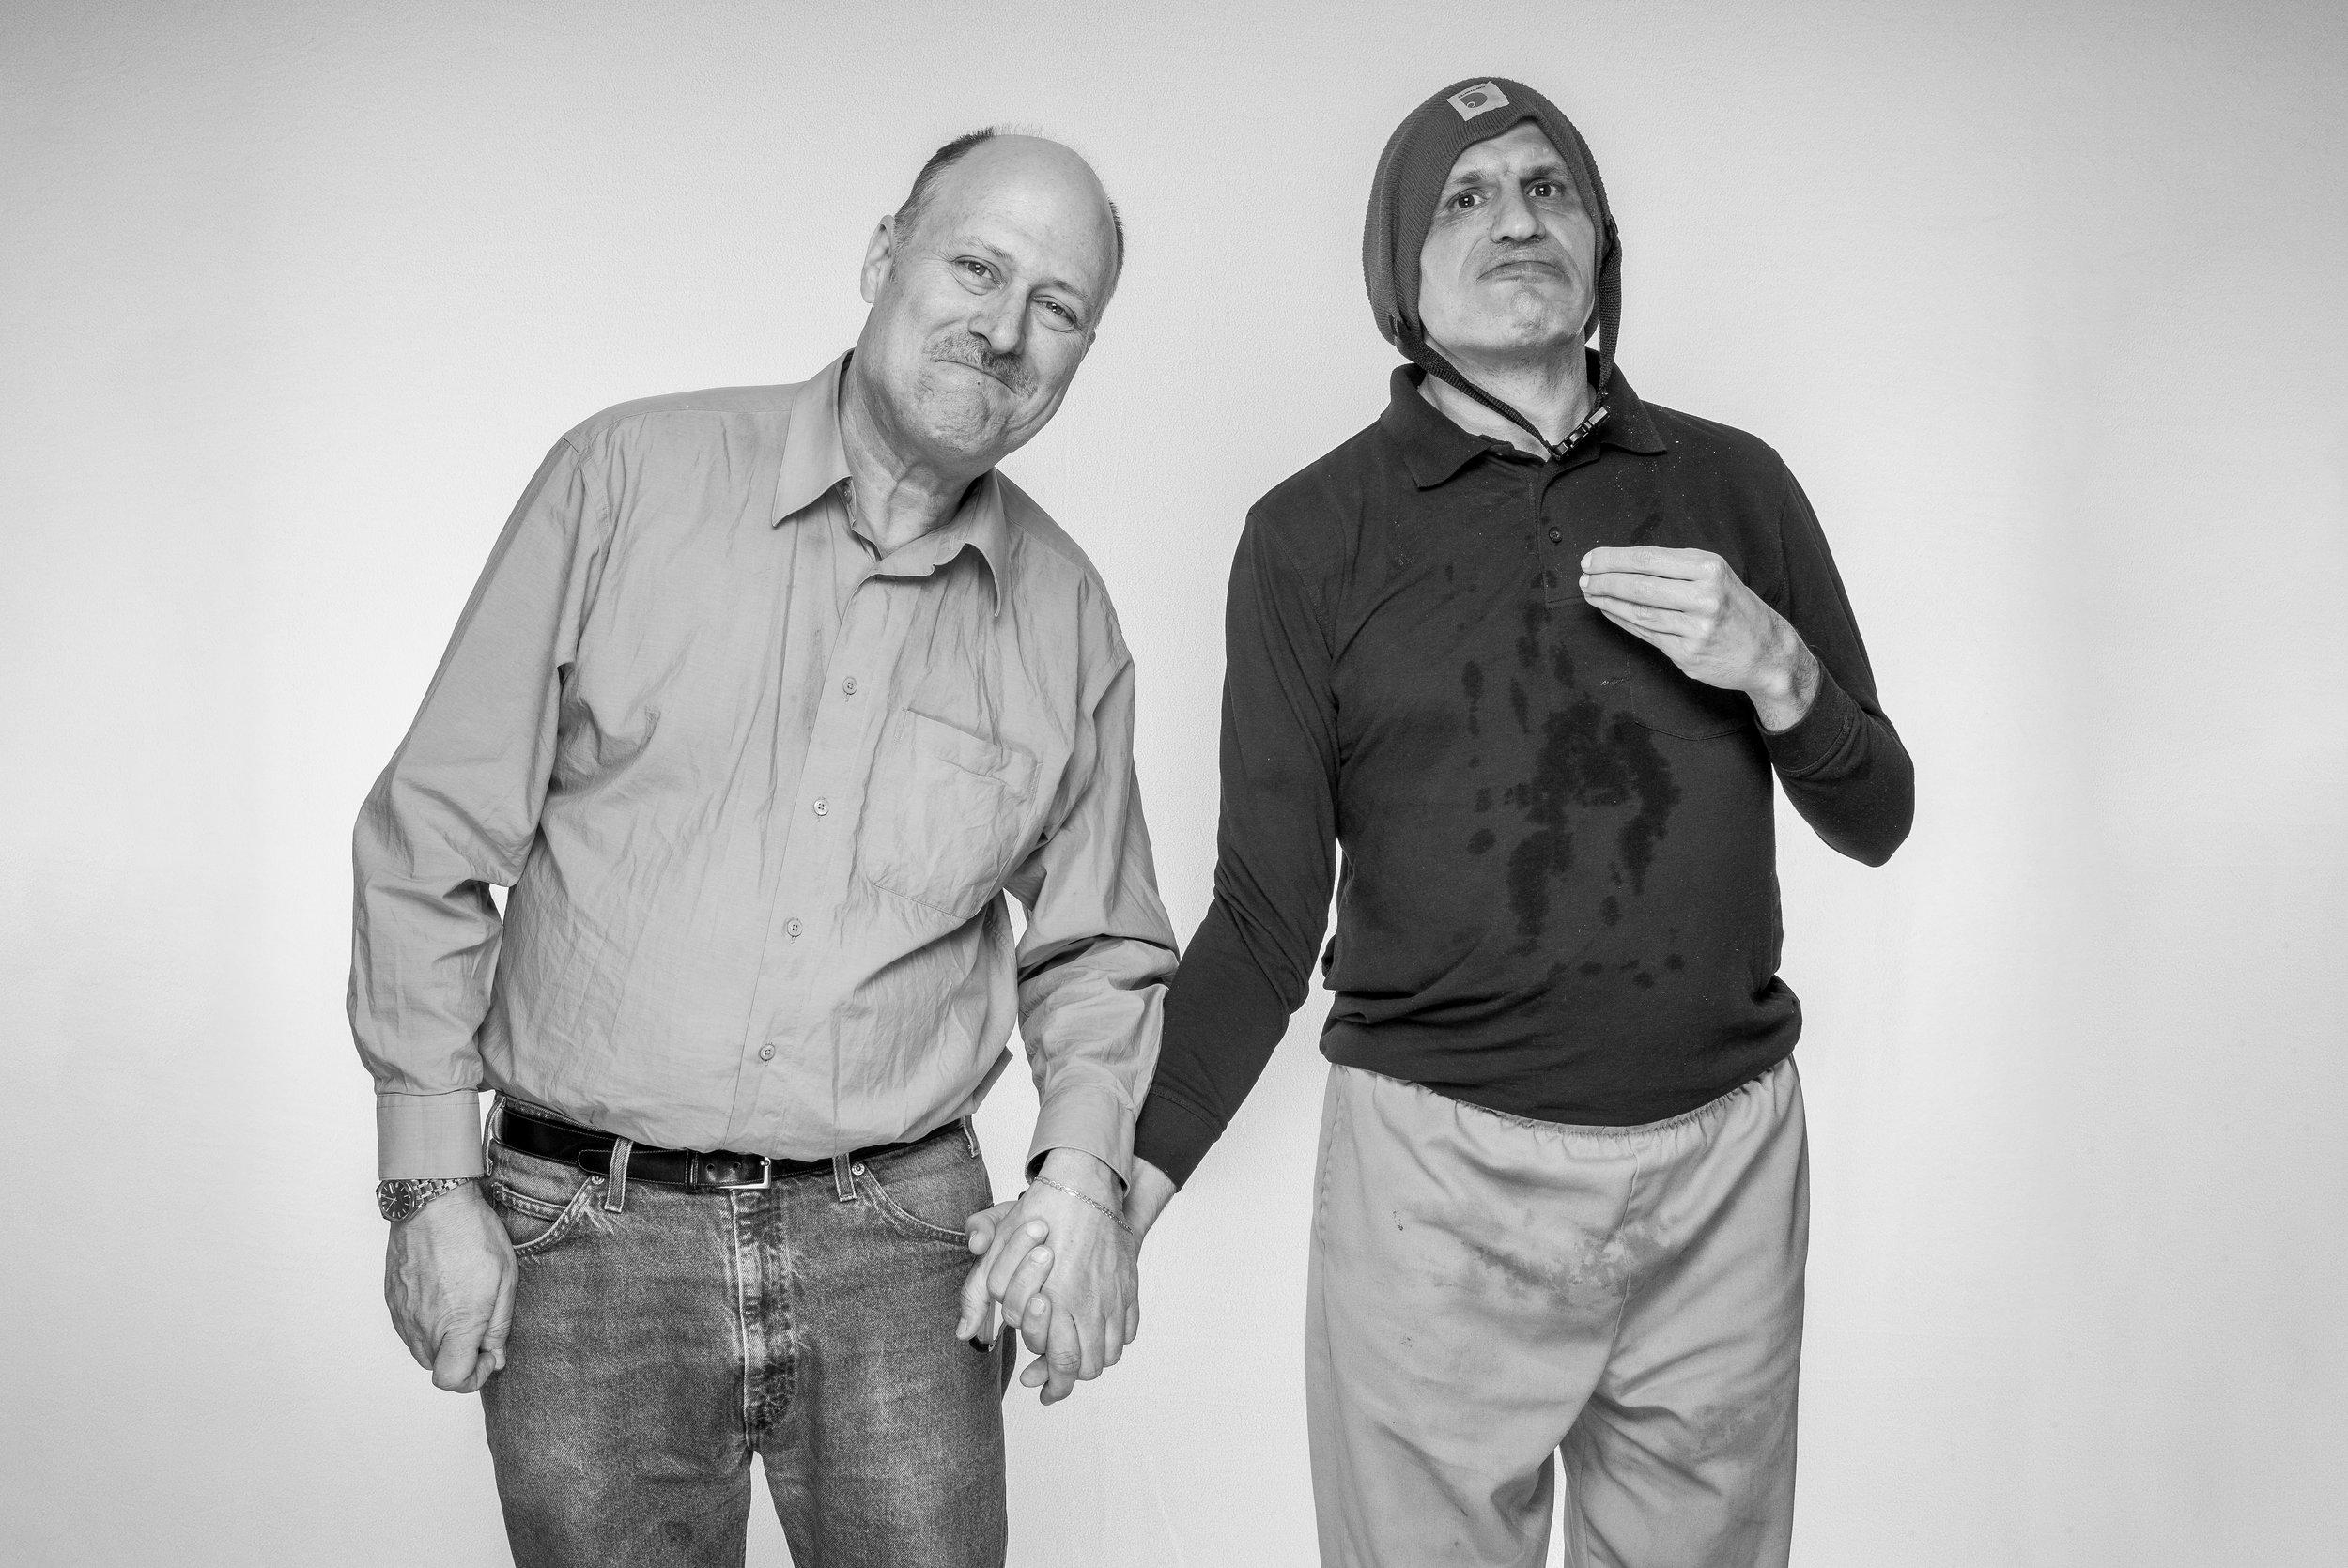 The Denton Family: Bob and Scott